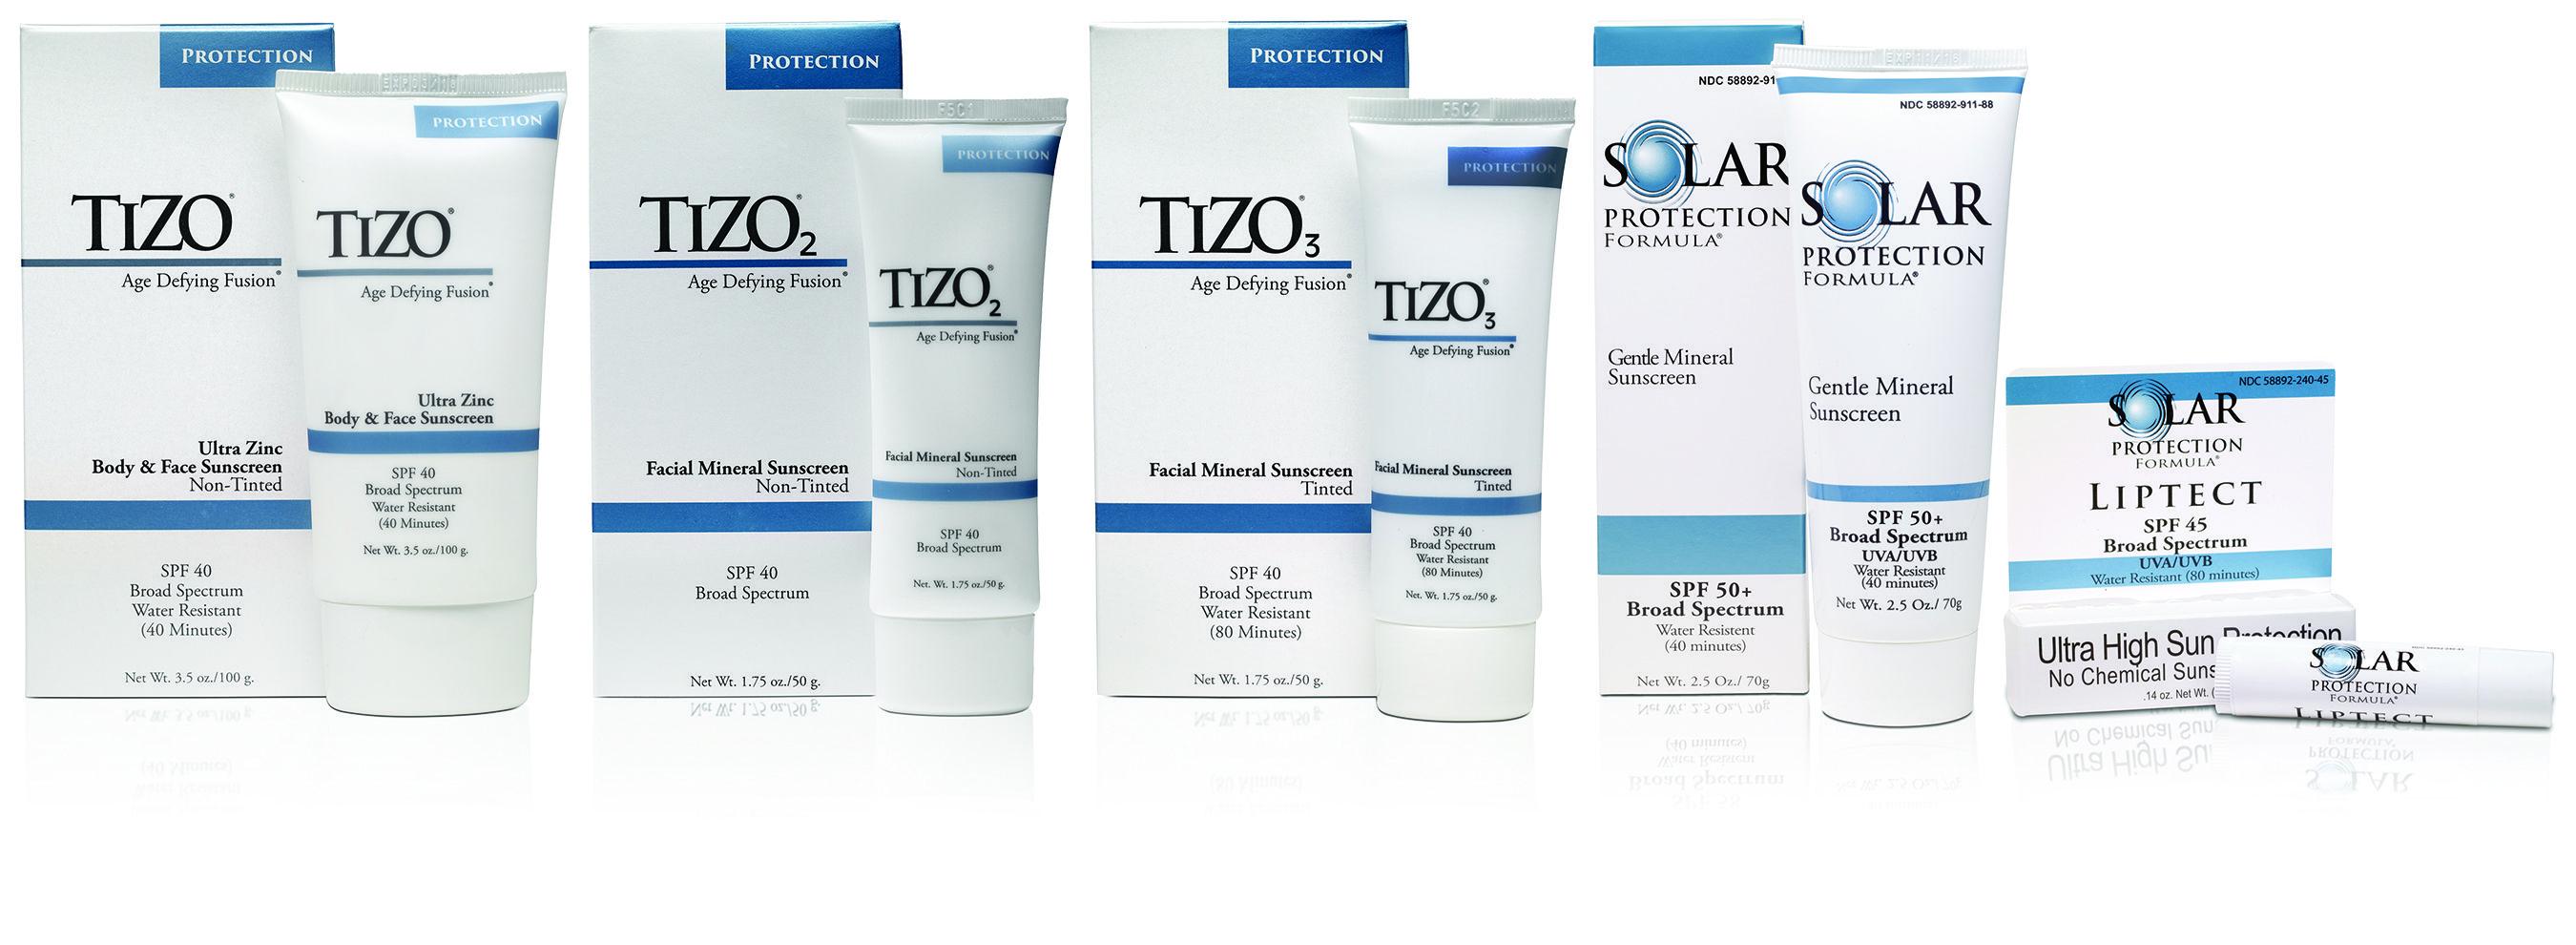 Medical-Grade Skin Care Products – Advanced Laser MedSpa - Michael Salzman, M.D.